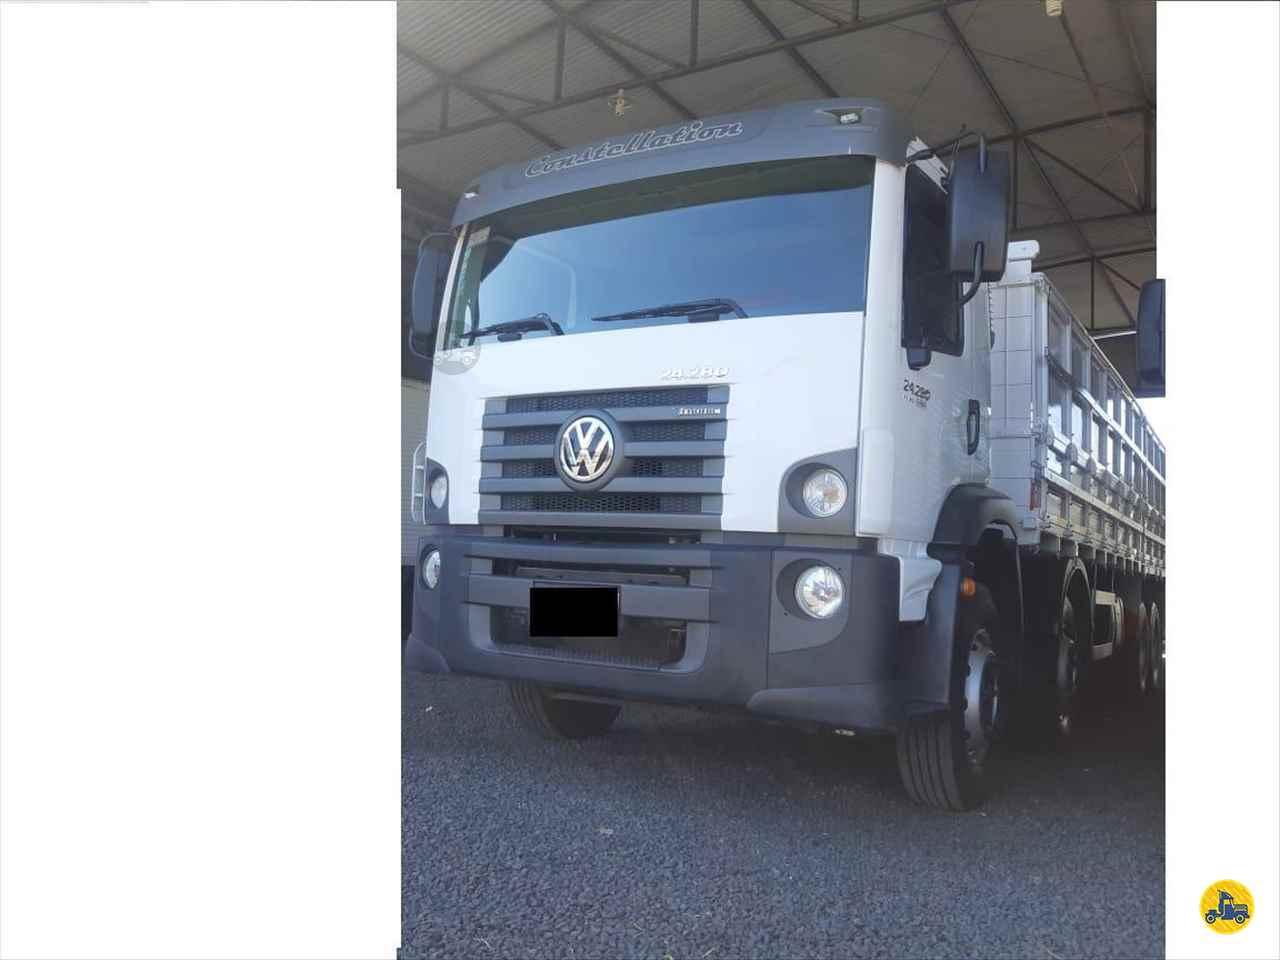 CAMINHAO VOLKSWAGEN VW 24280 Carga Seca BiTruck 8x2 Barbosa Caminhões LINS SÃO PAULO SP